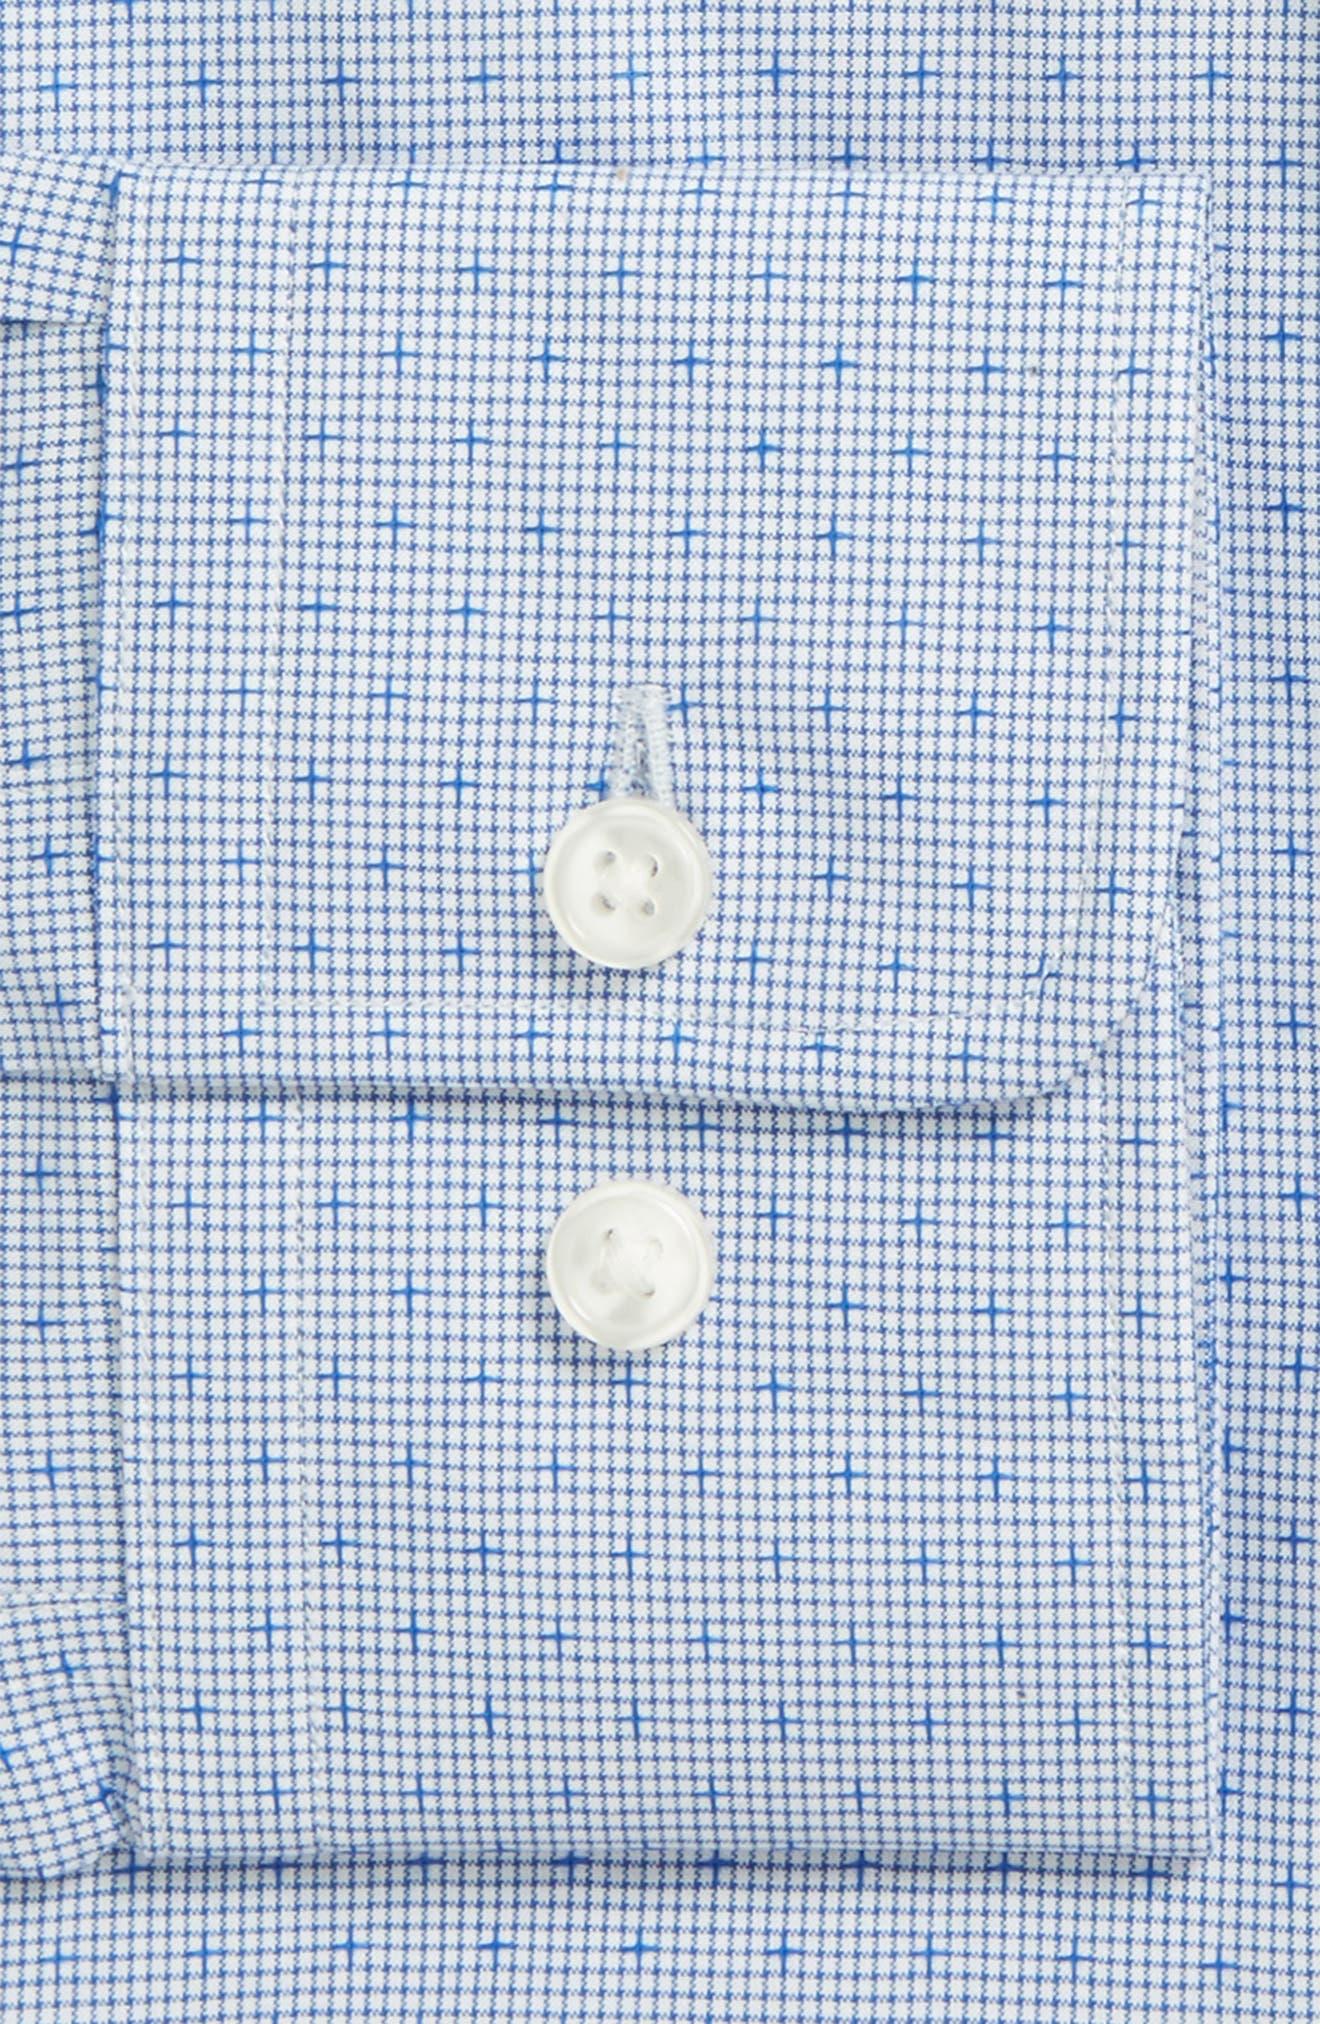 Alternate Image 2  - BOSS Mark Sharp Fit Dobby Dress Shirt